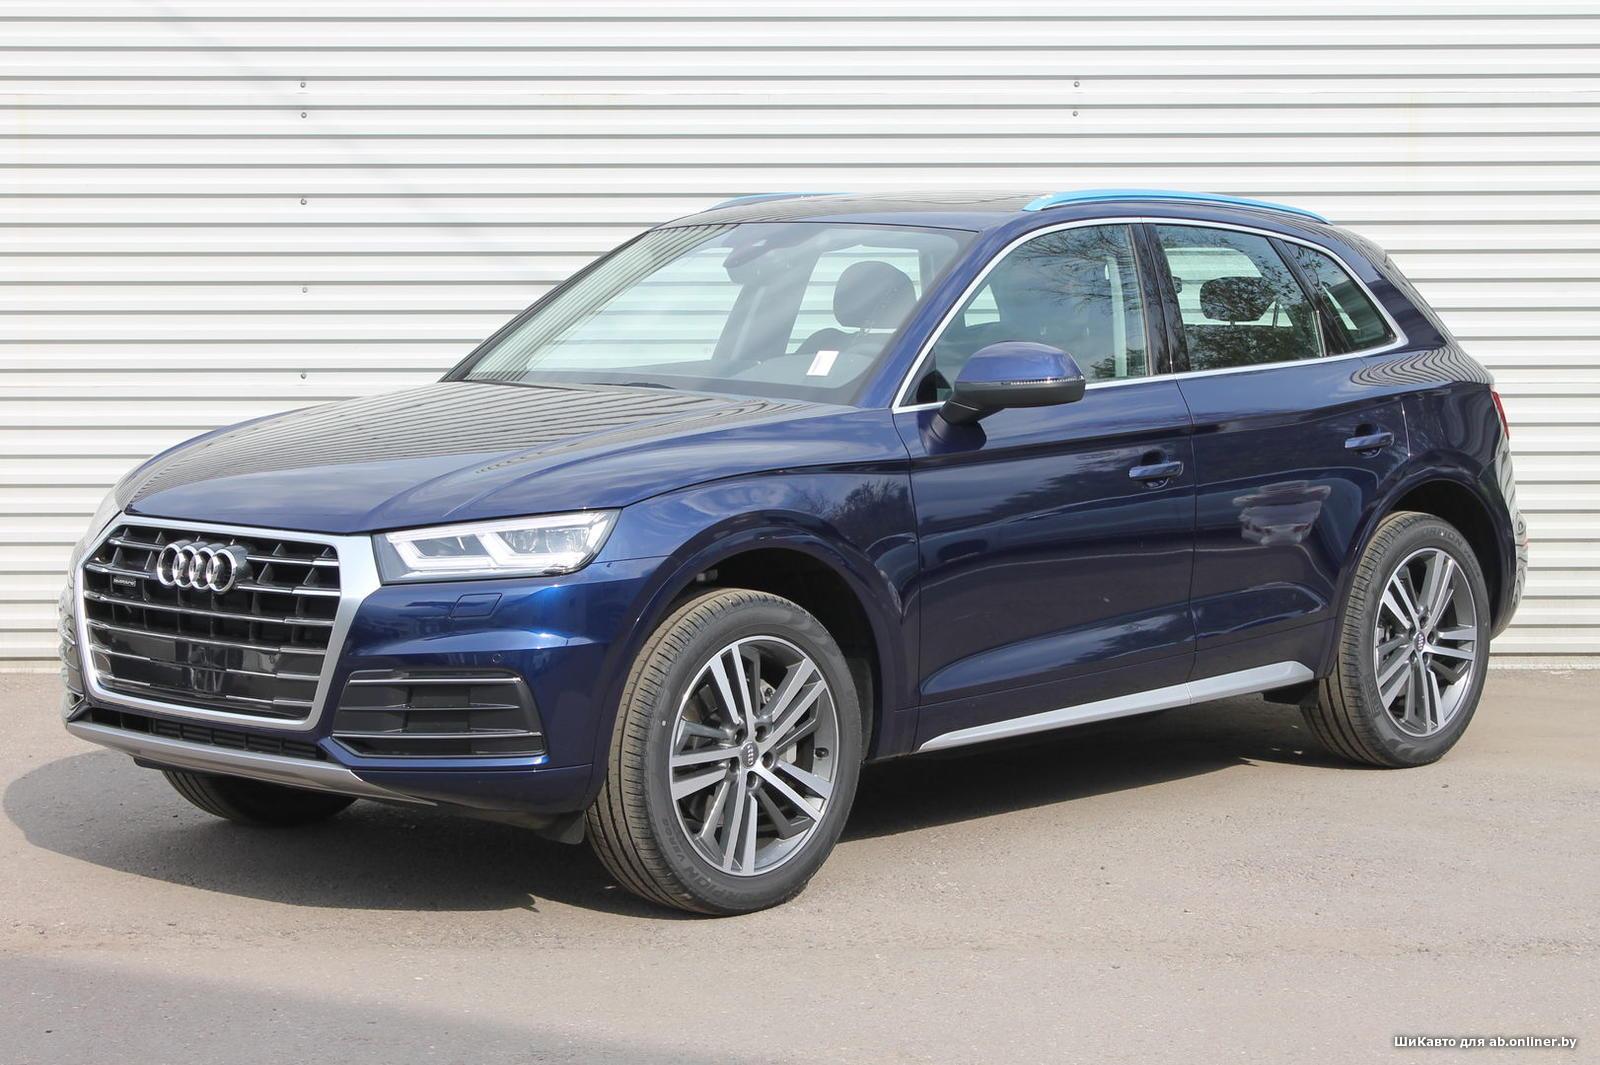 Audi Q5 2.0 TFSI Design quattro S tron